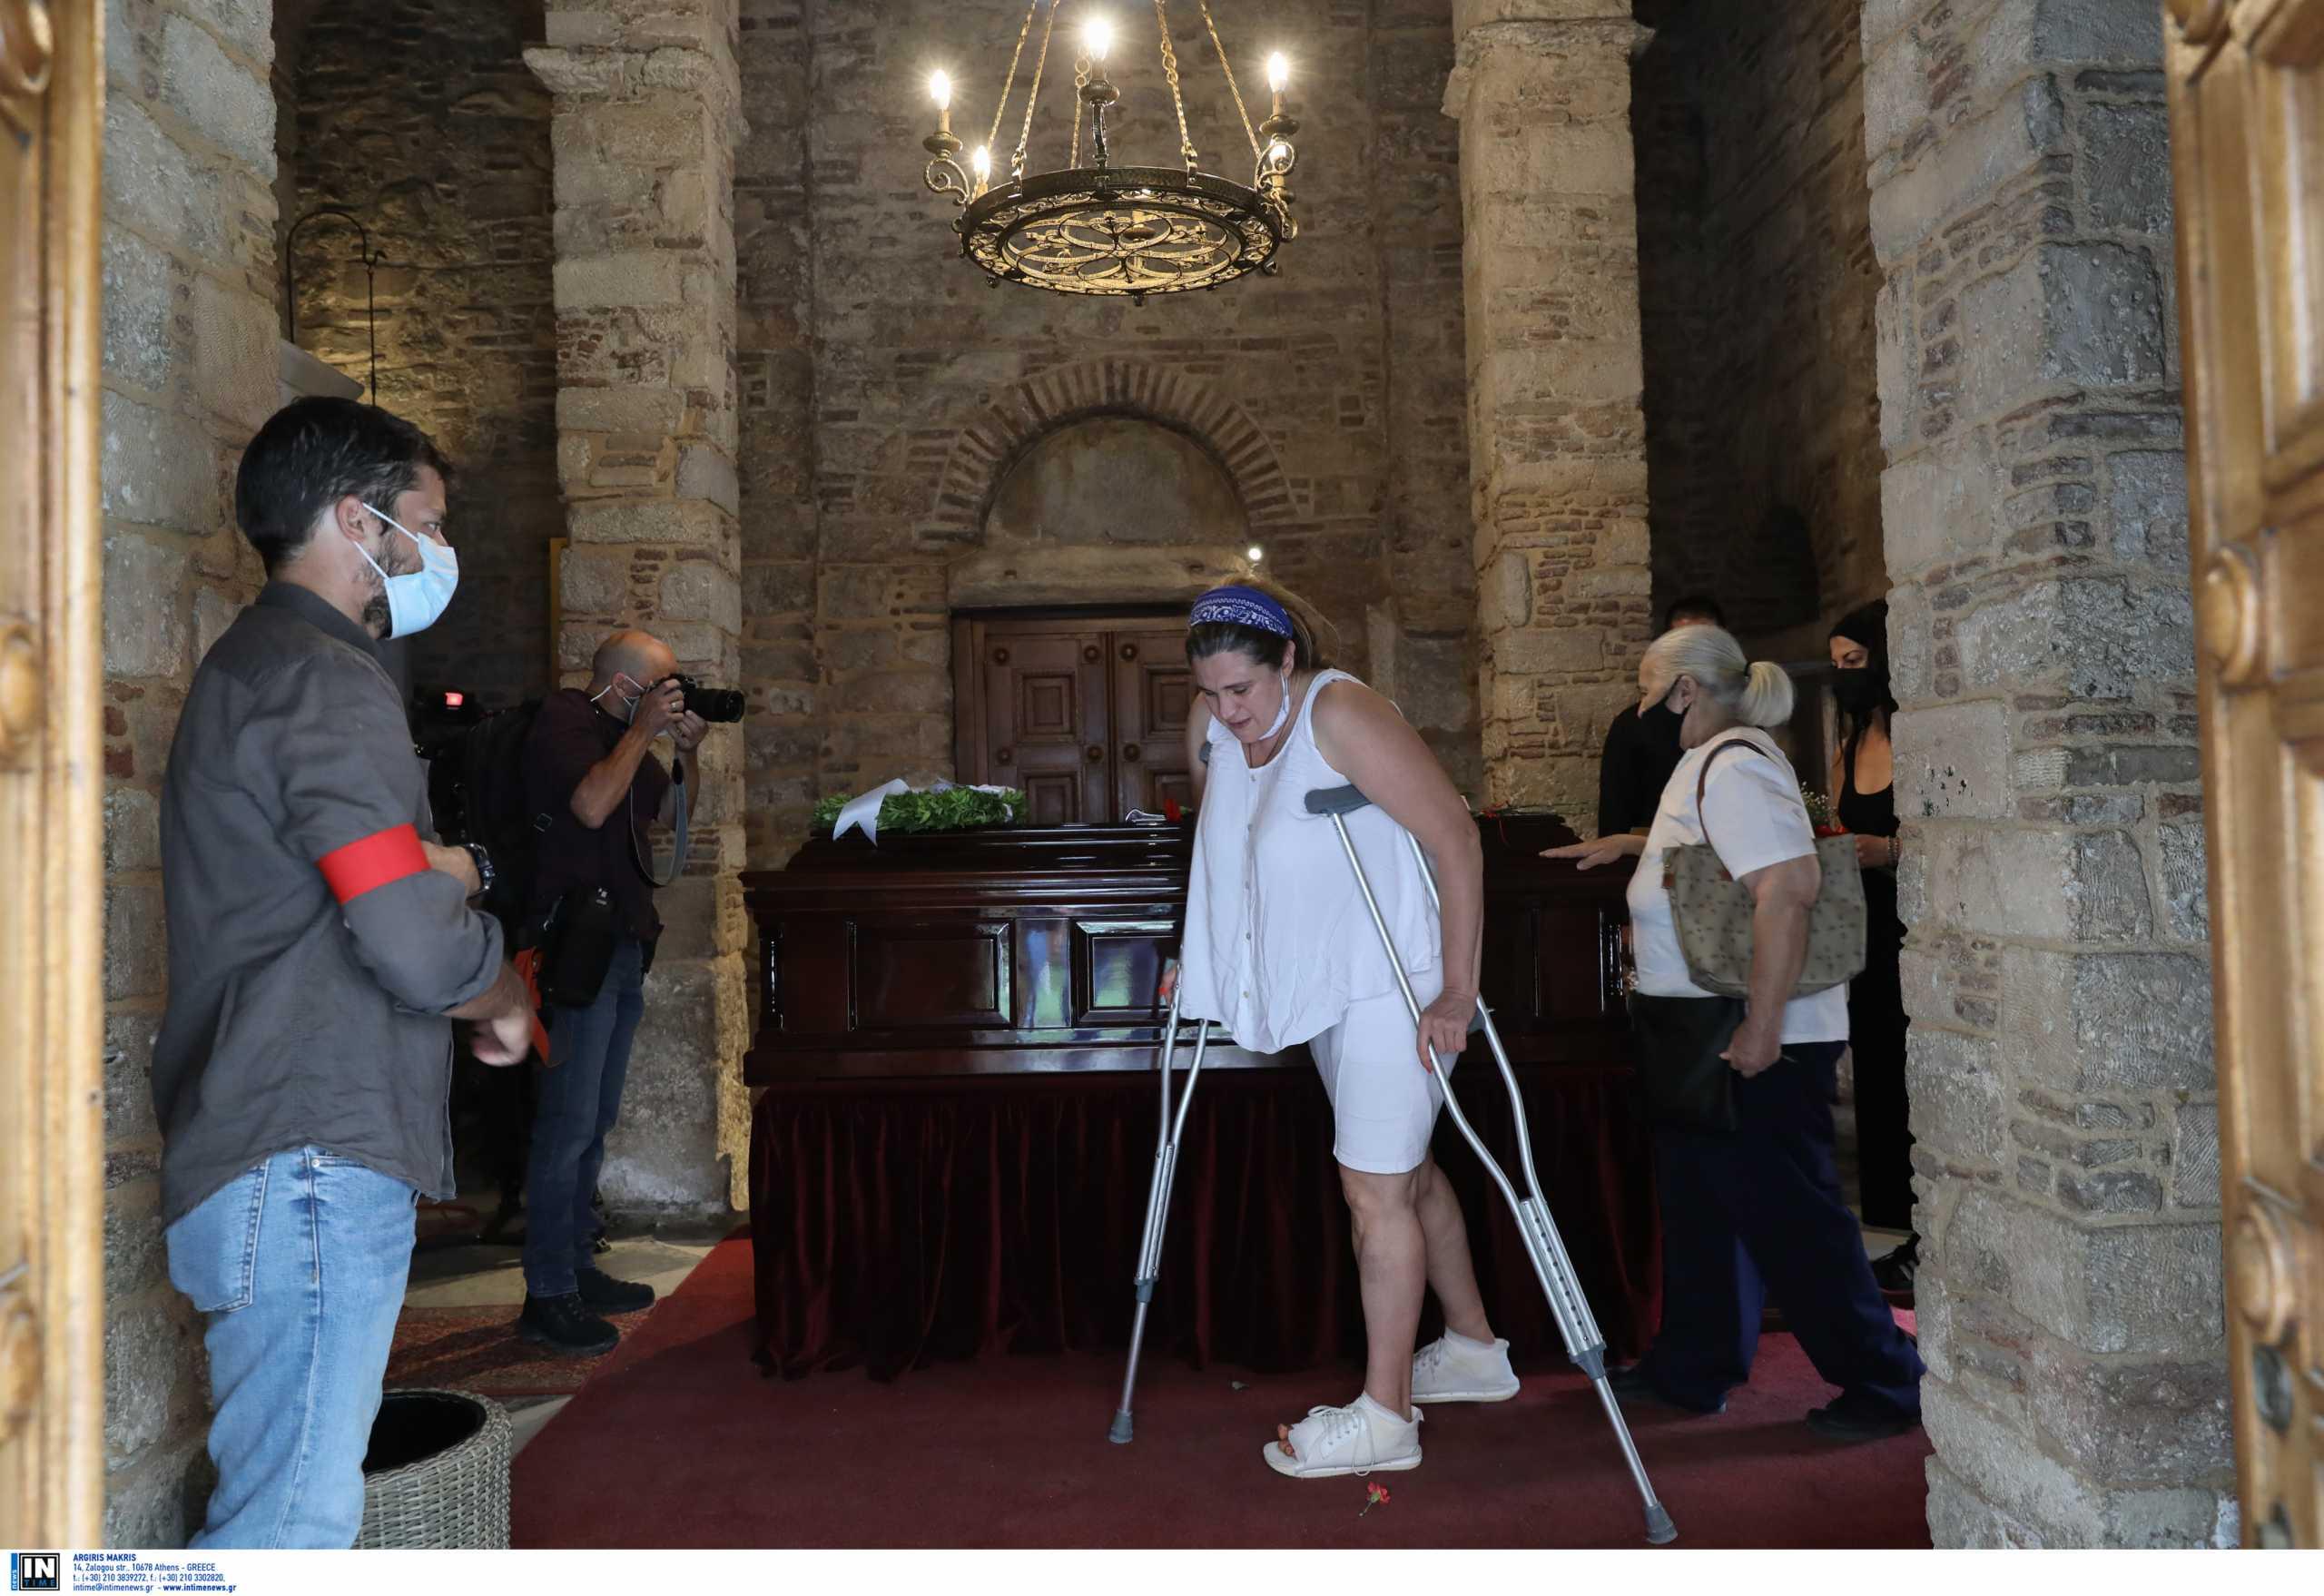 Μίκης Θεοδωράκης: Ακόμη και με πατερίτσες στη Μητρόπολη για τον τελευταίο αποχαιρετισμό